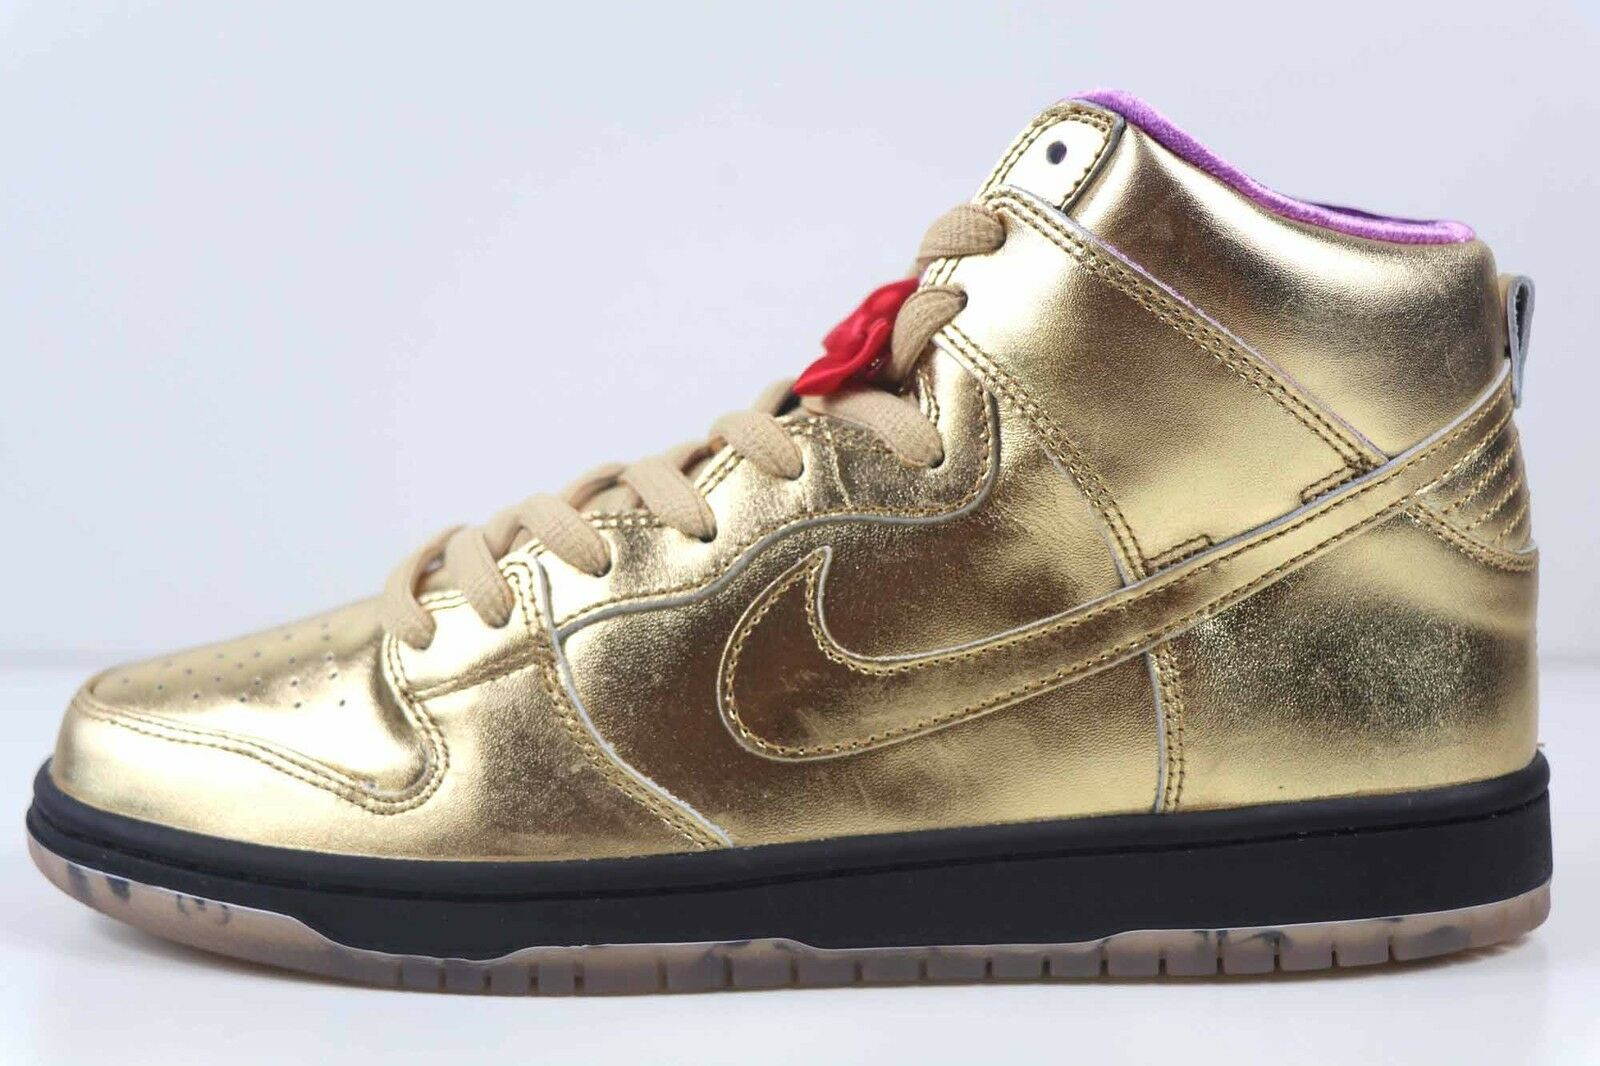 Nike Sb Dunk Alto Qs Dorato Metallico Umidità Tromba Tromba Tromba AV4168 776 Nuovo 1a8b49